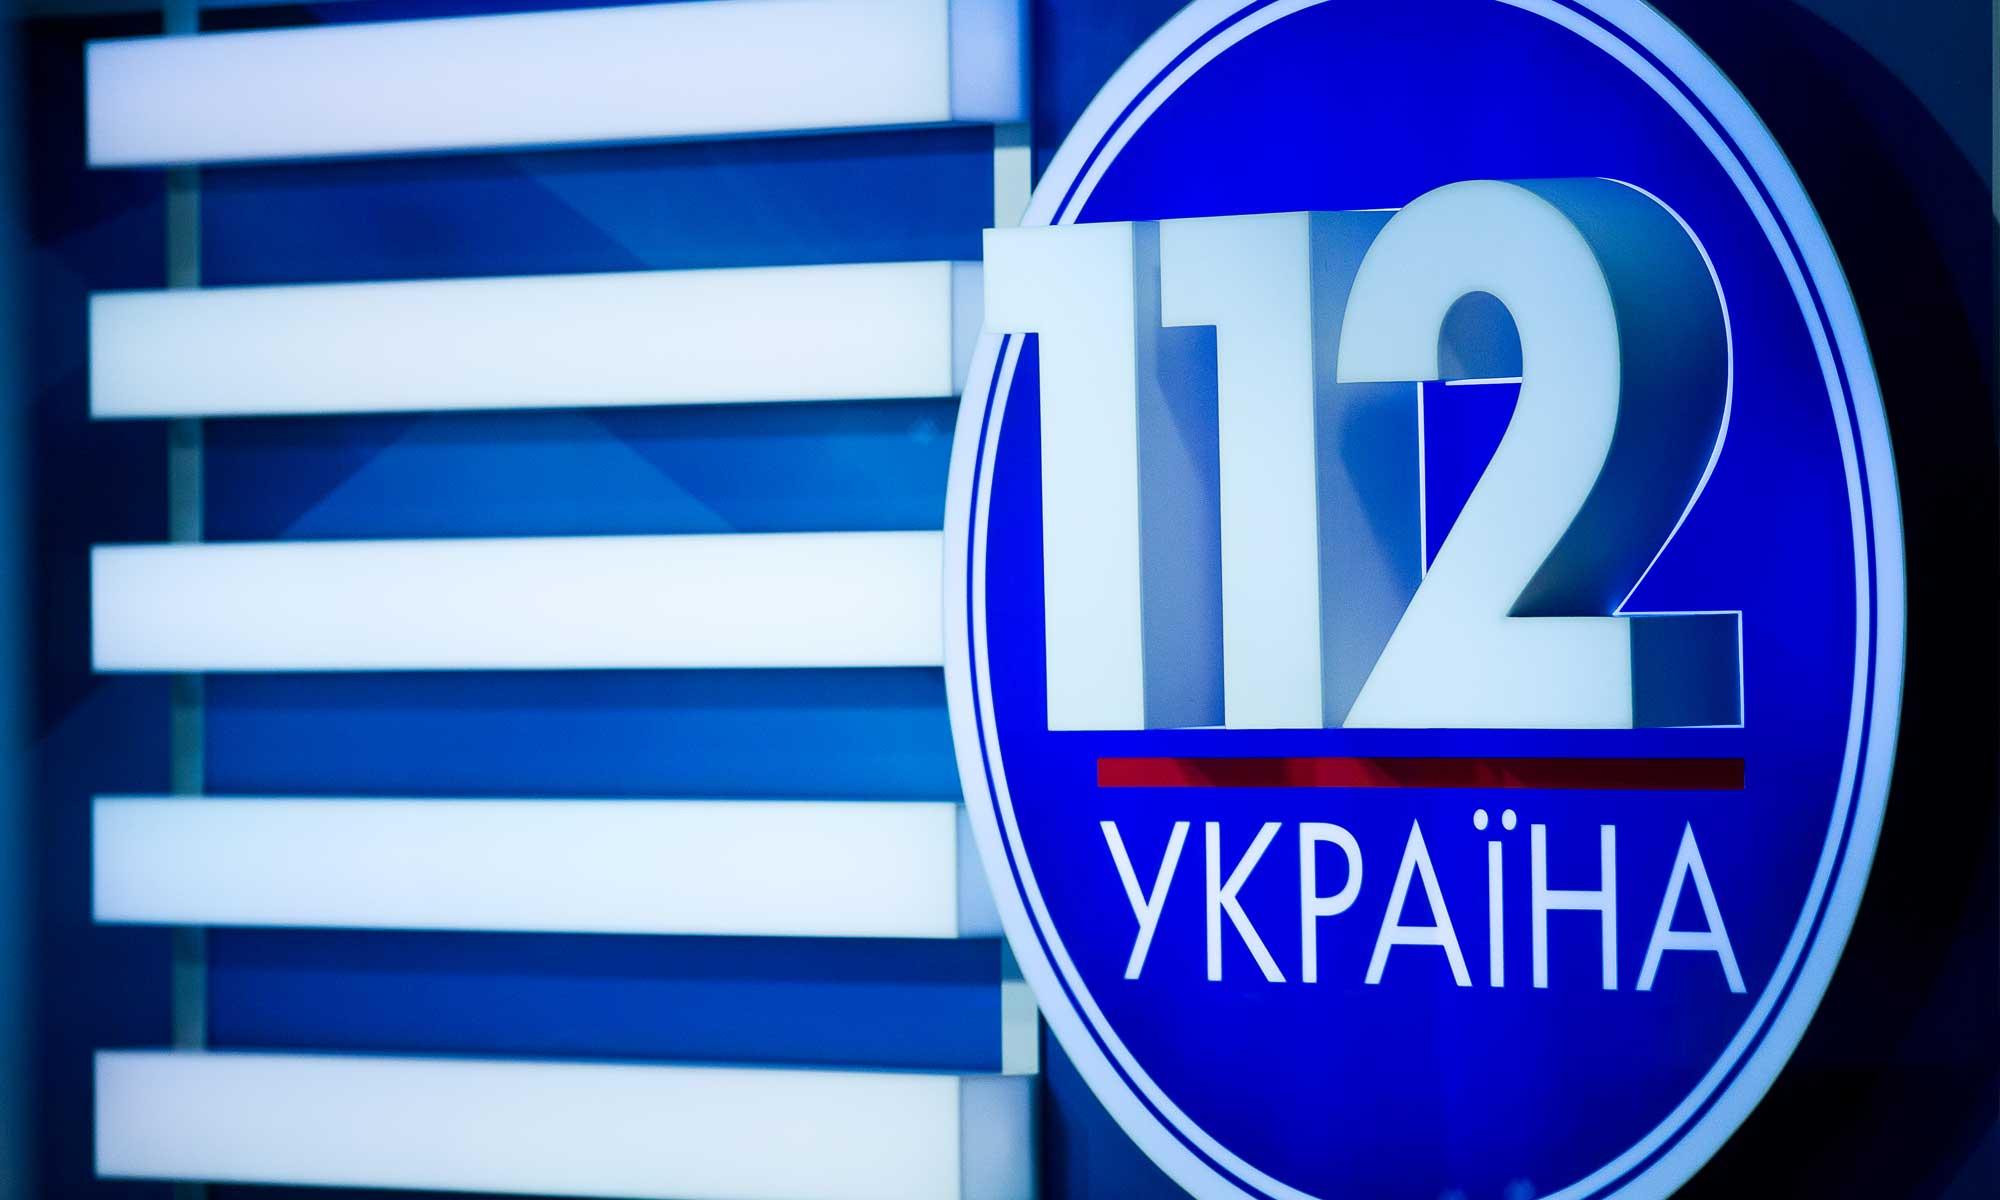 Письмо СБУ к Нацсовету по вопросу собственности «112 Украина» могло быть фейком